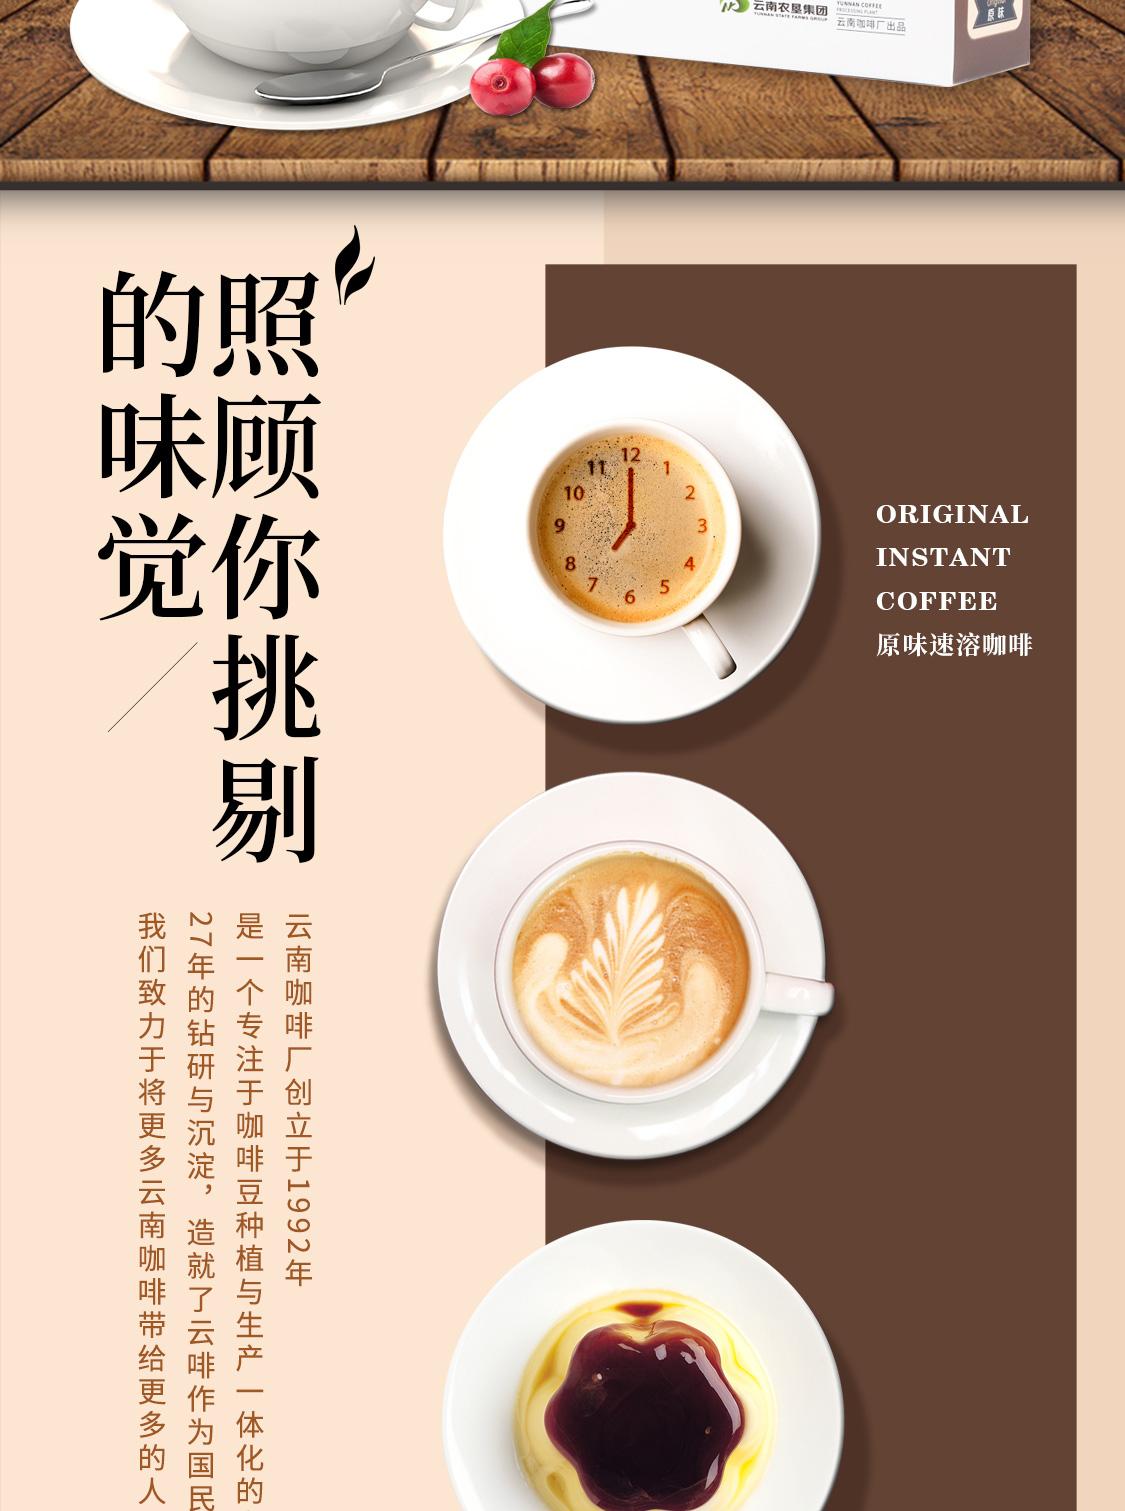 原味速溶咖啡大盒装_02.jpg